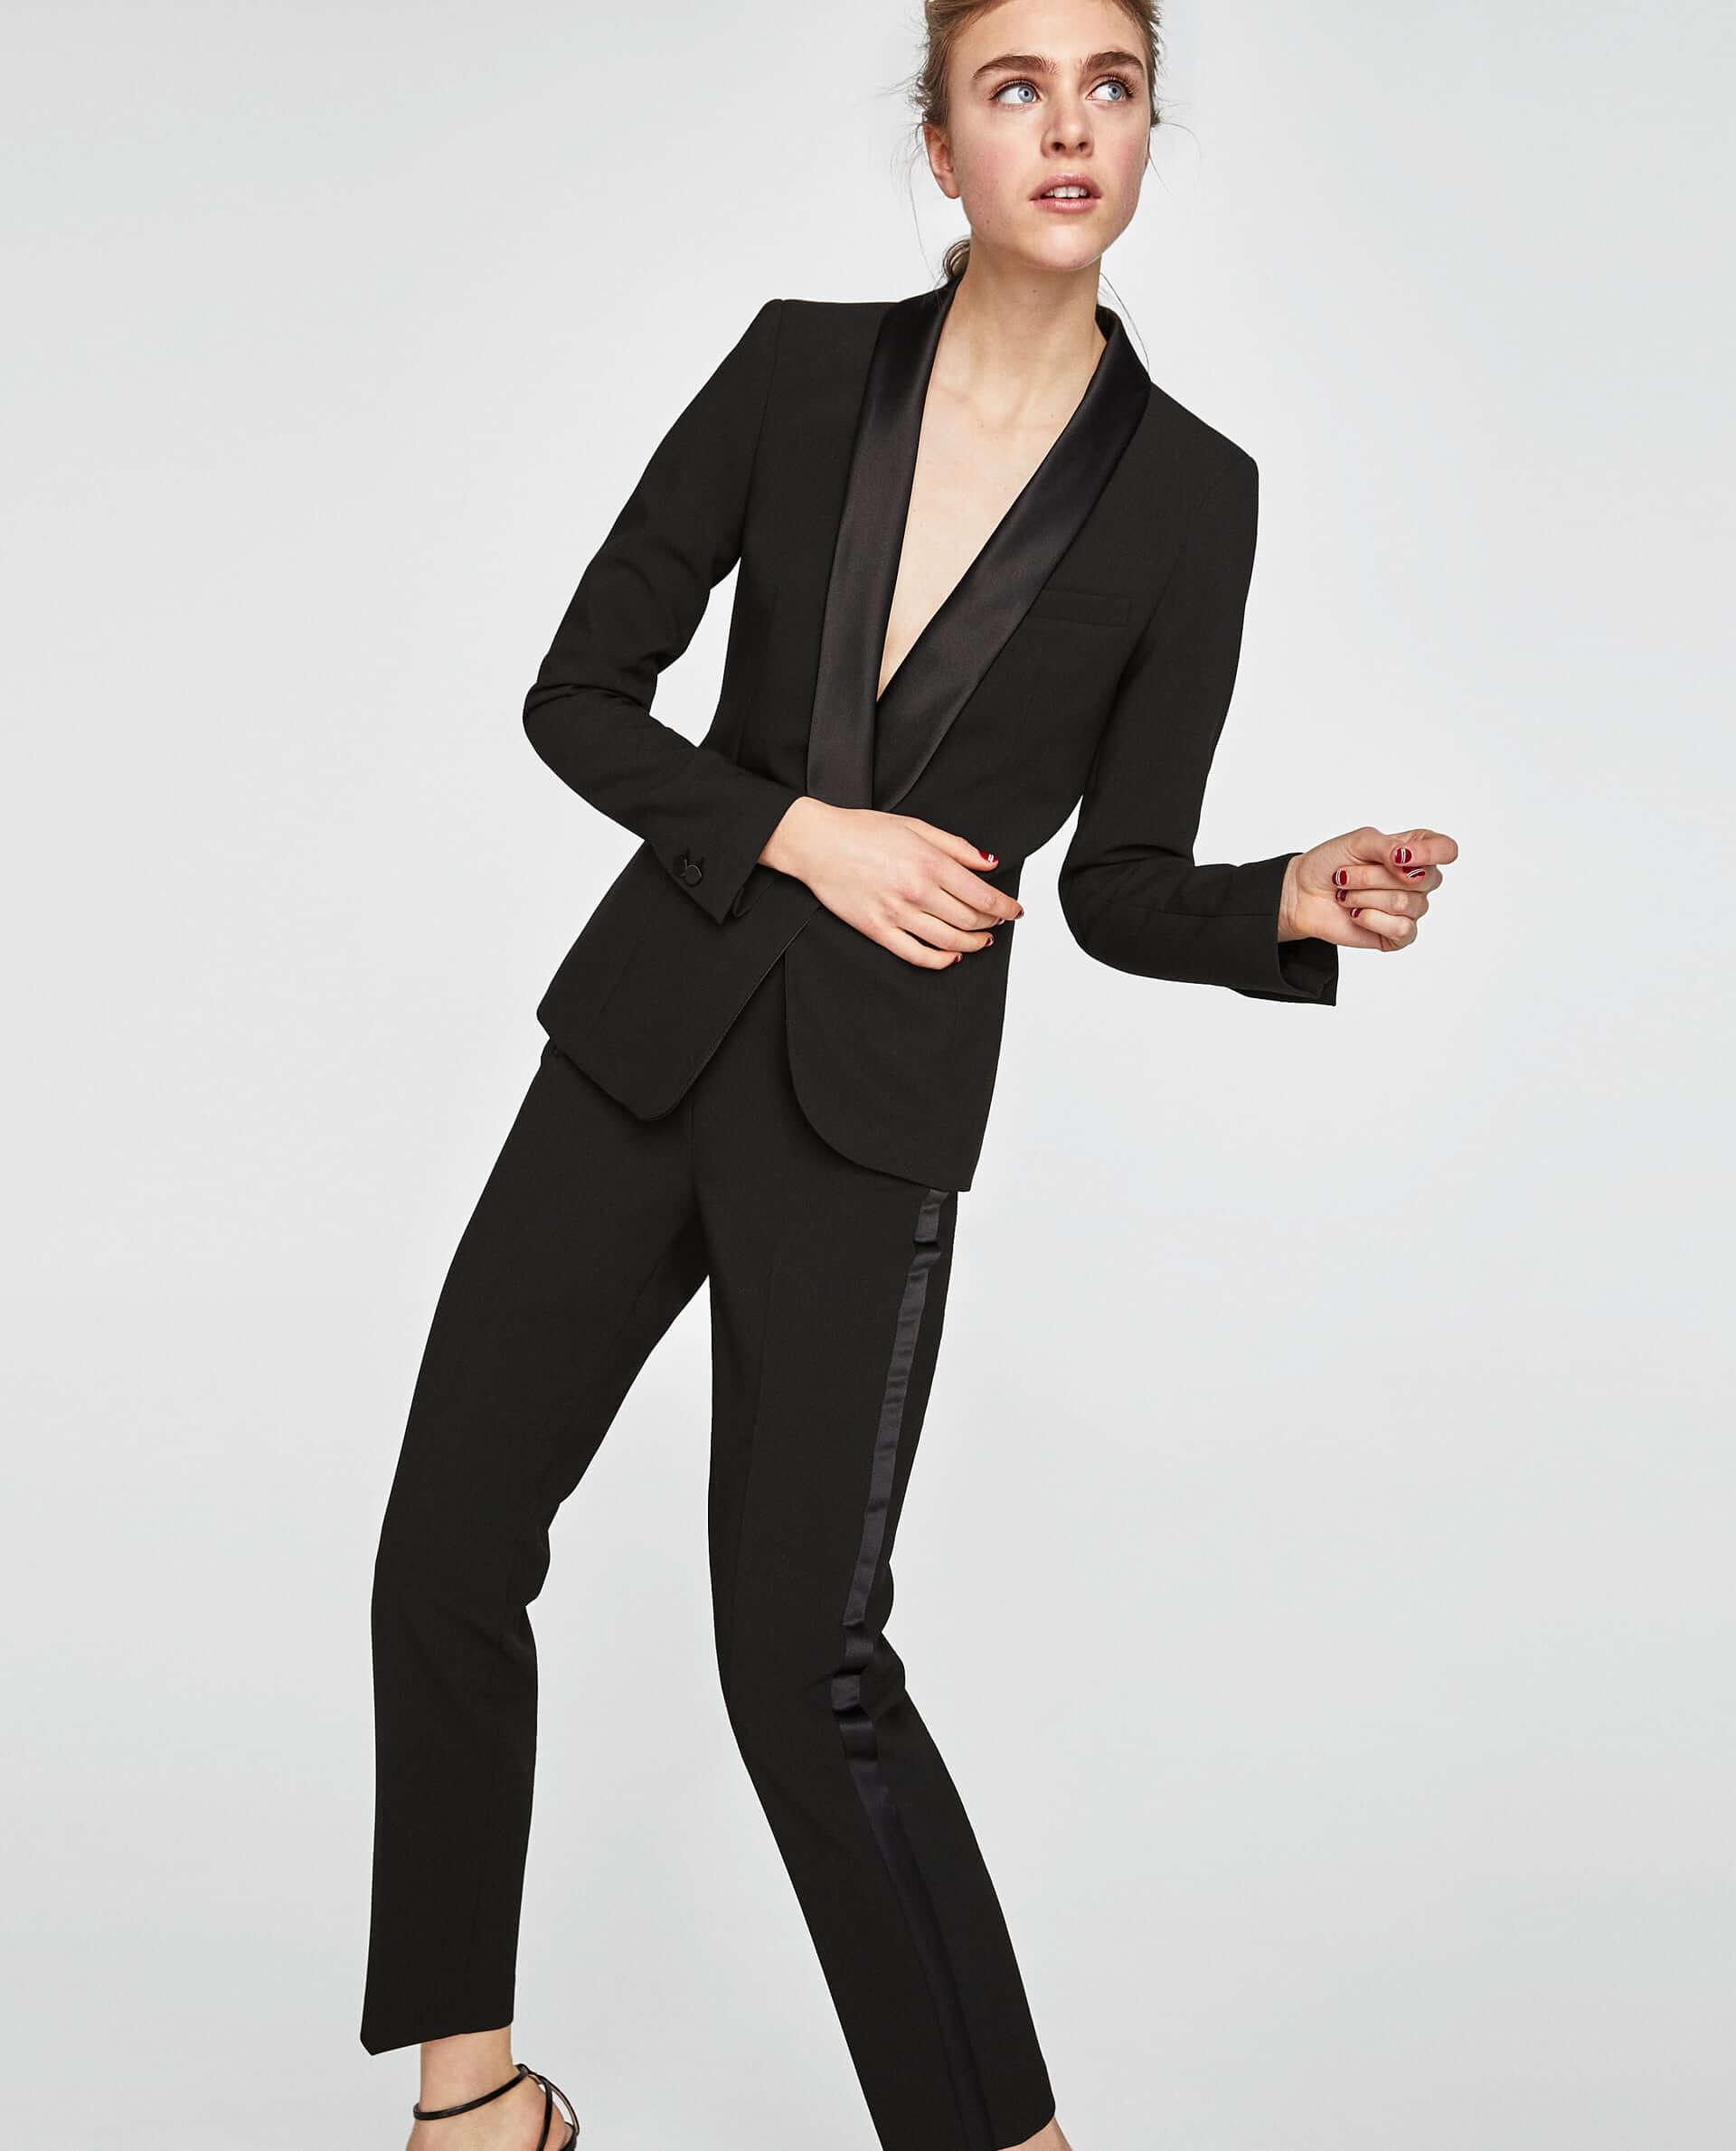 705-traje-chaqueta-pantalon-chaquetas-de-hombre-y-mujer-2019-9477